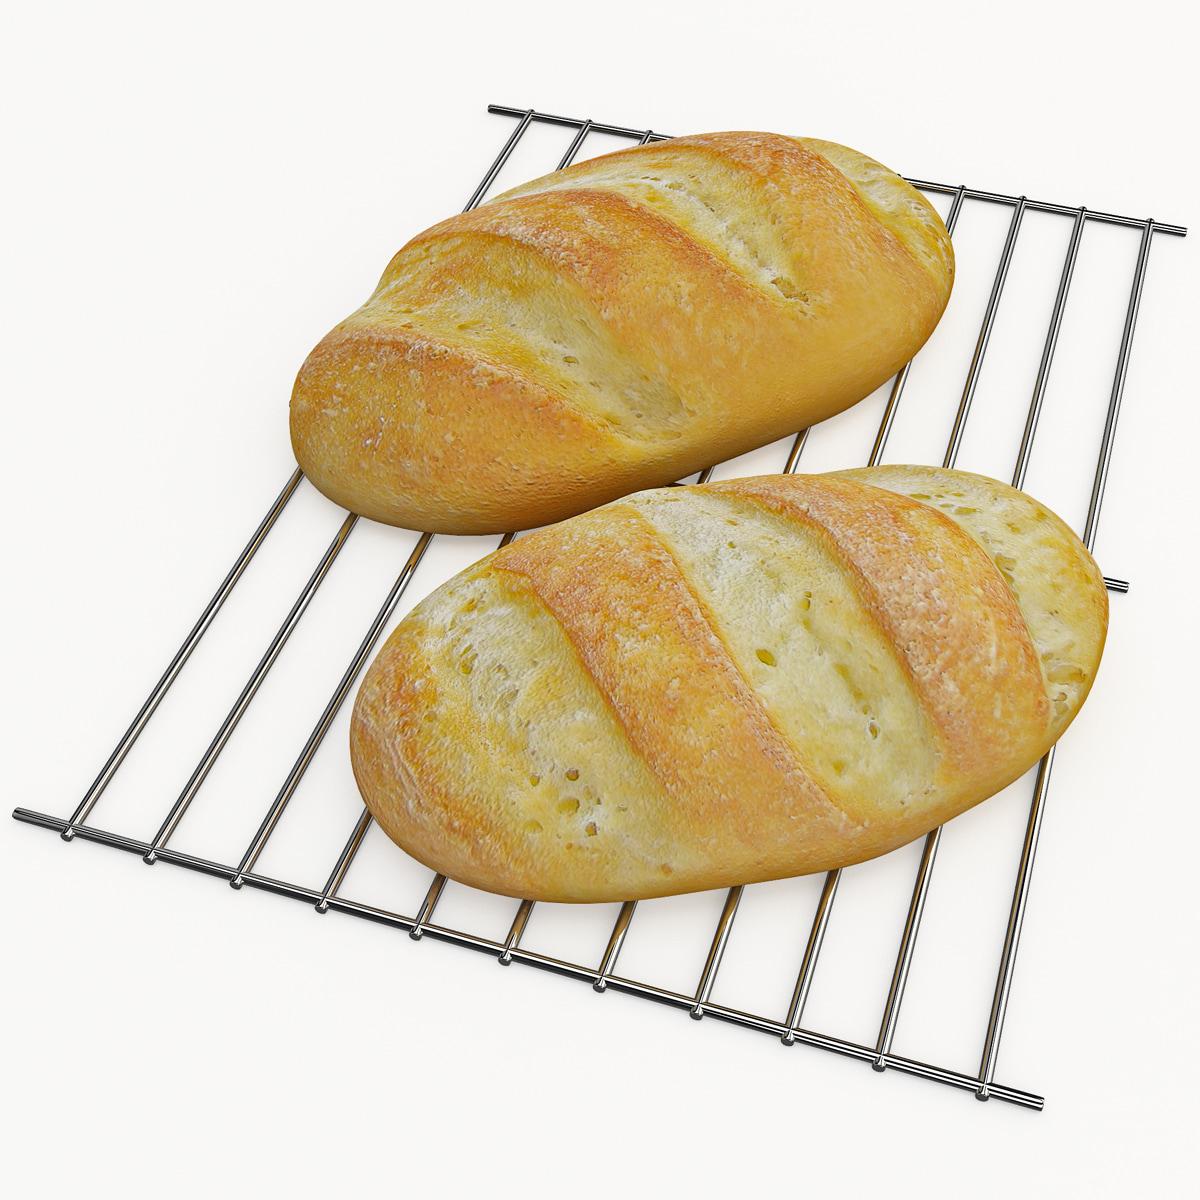 181422_Bread_2_001.jpg